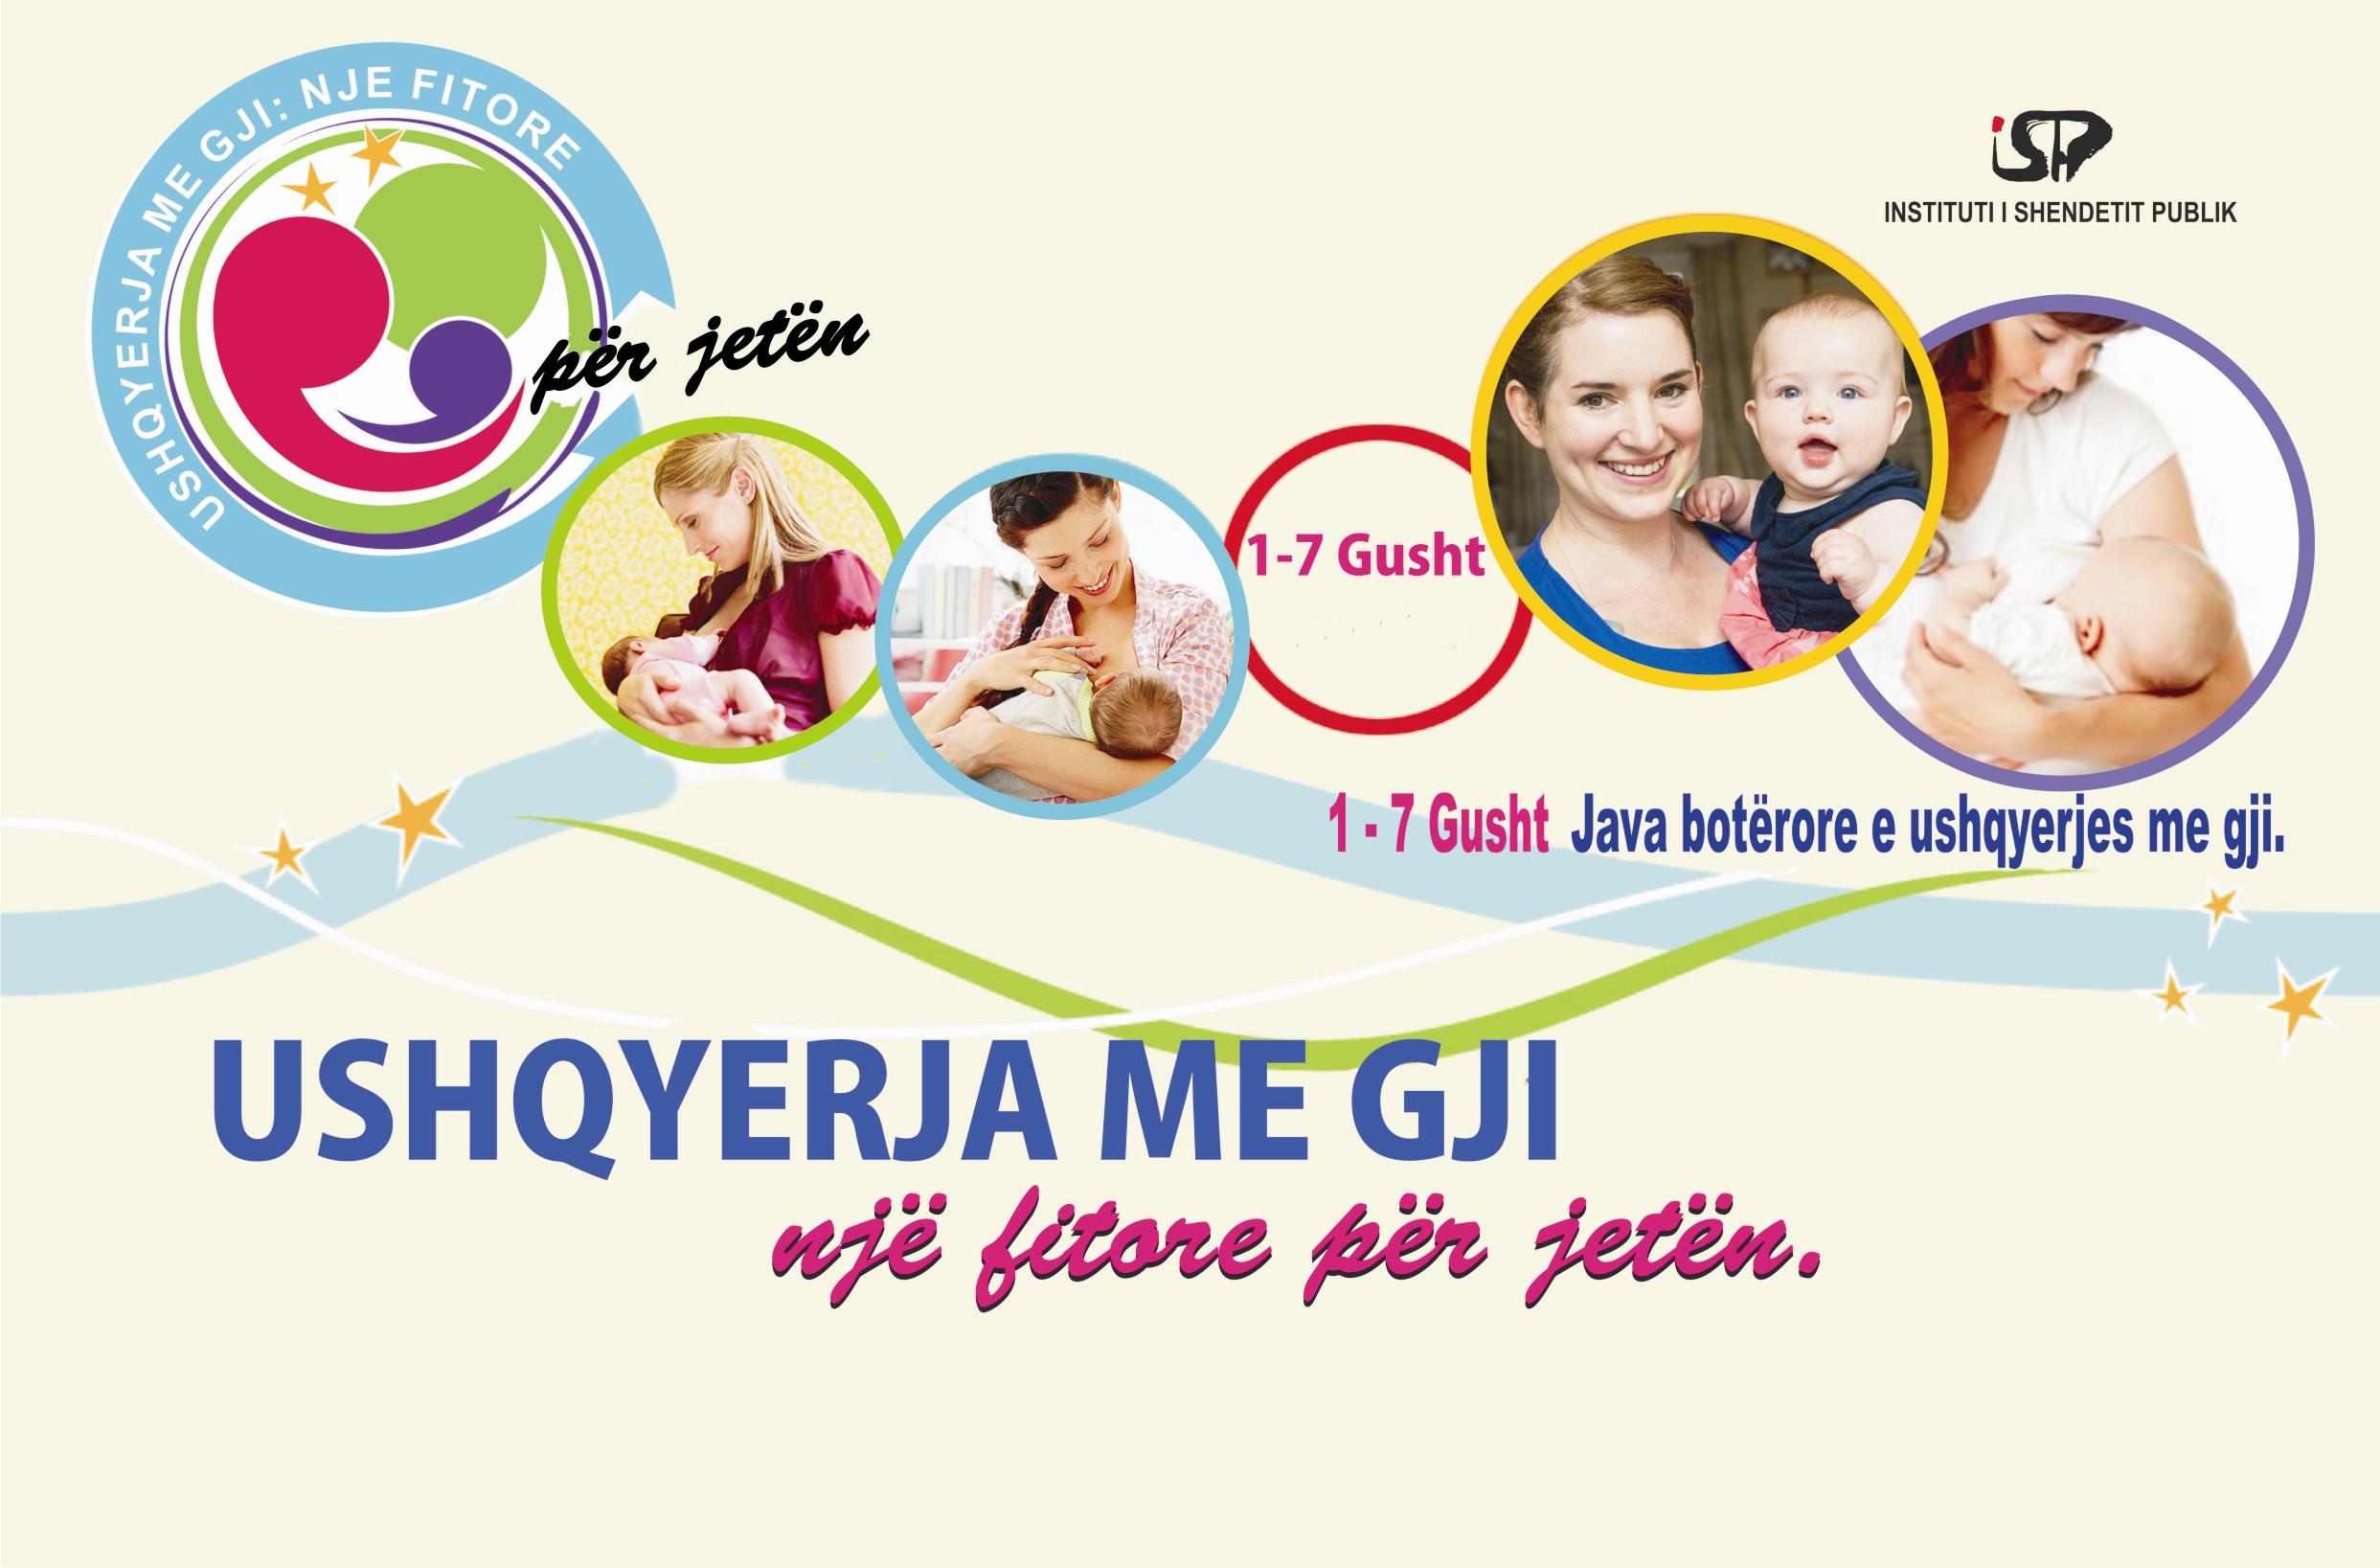 poster-ushq-me-gji